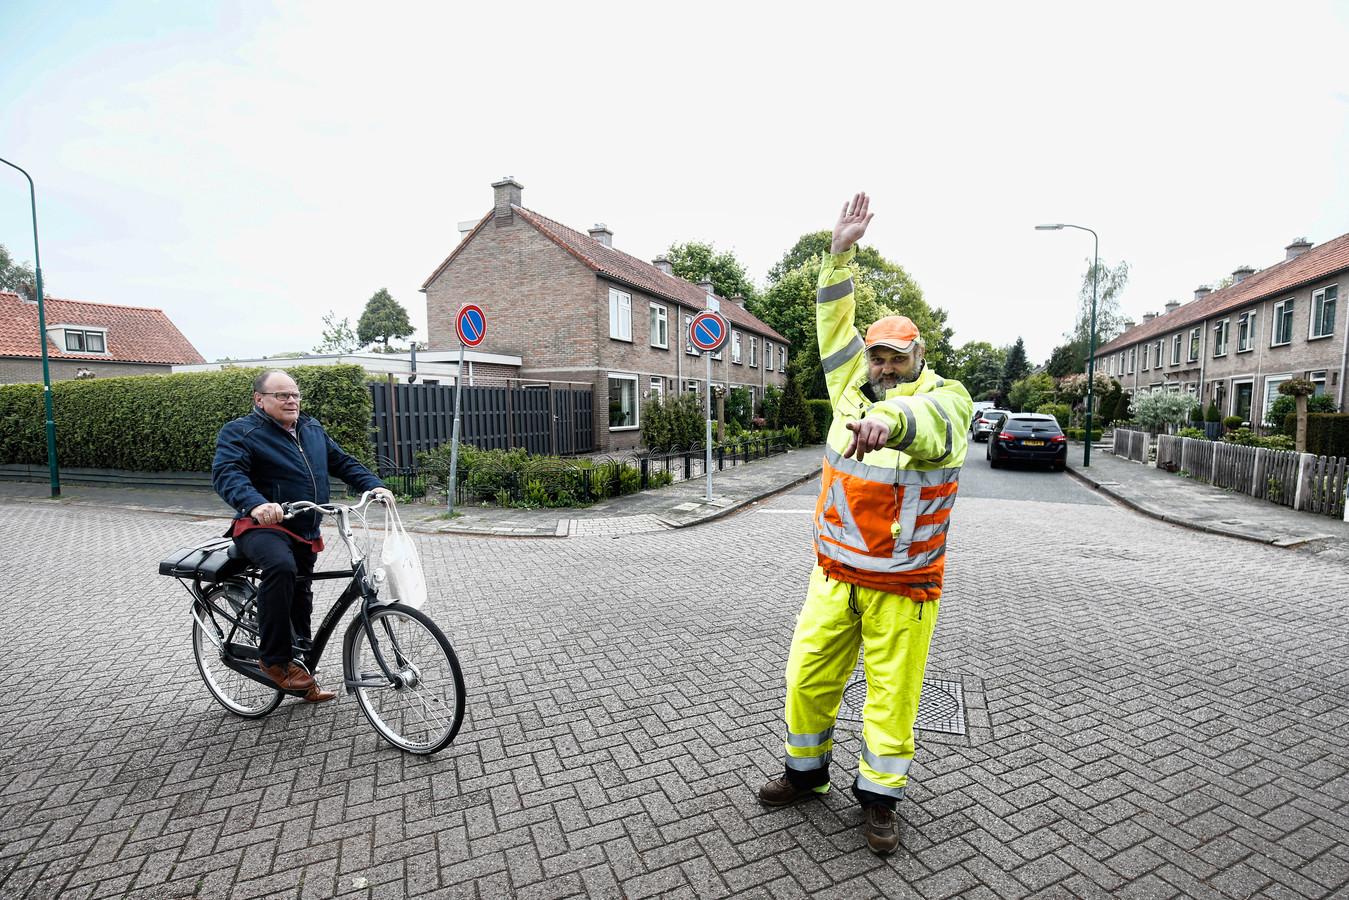 Verkeersregeaar Marcel van Tongeren op het gevaarlijke kruispunt in Maartensdijk op de hoek Prins Bernhardlaan en Prinses Marijkelaan.